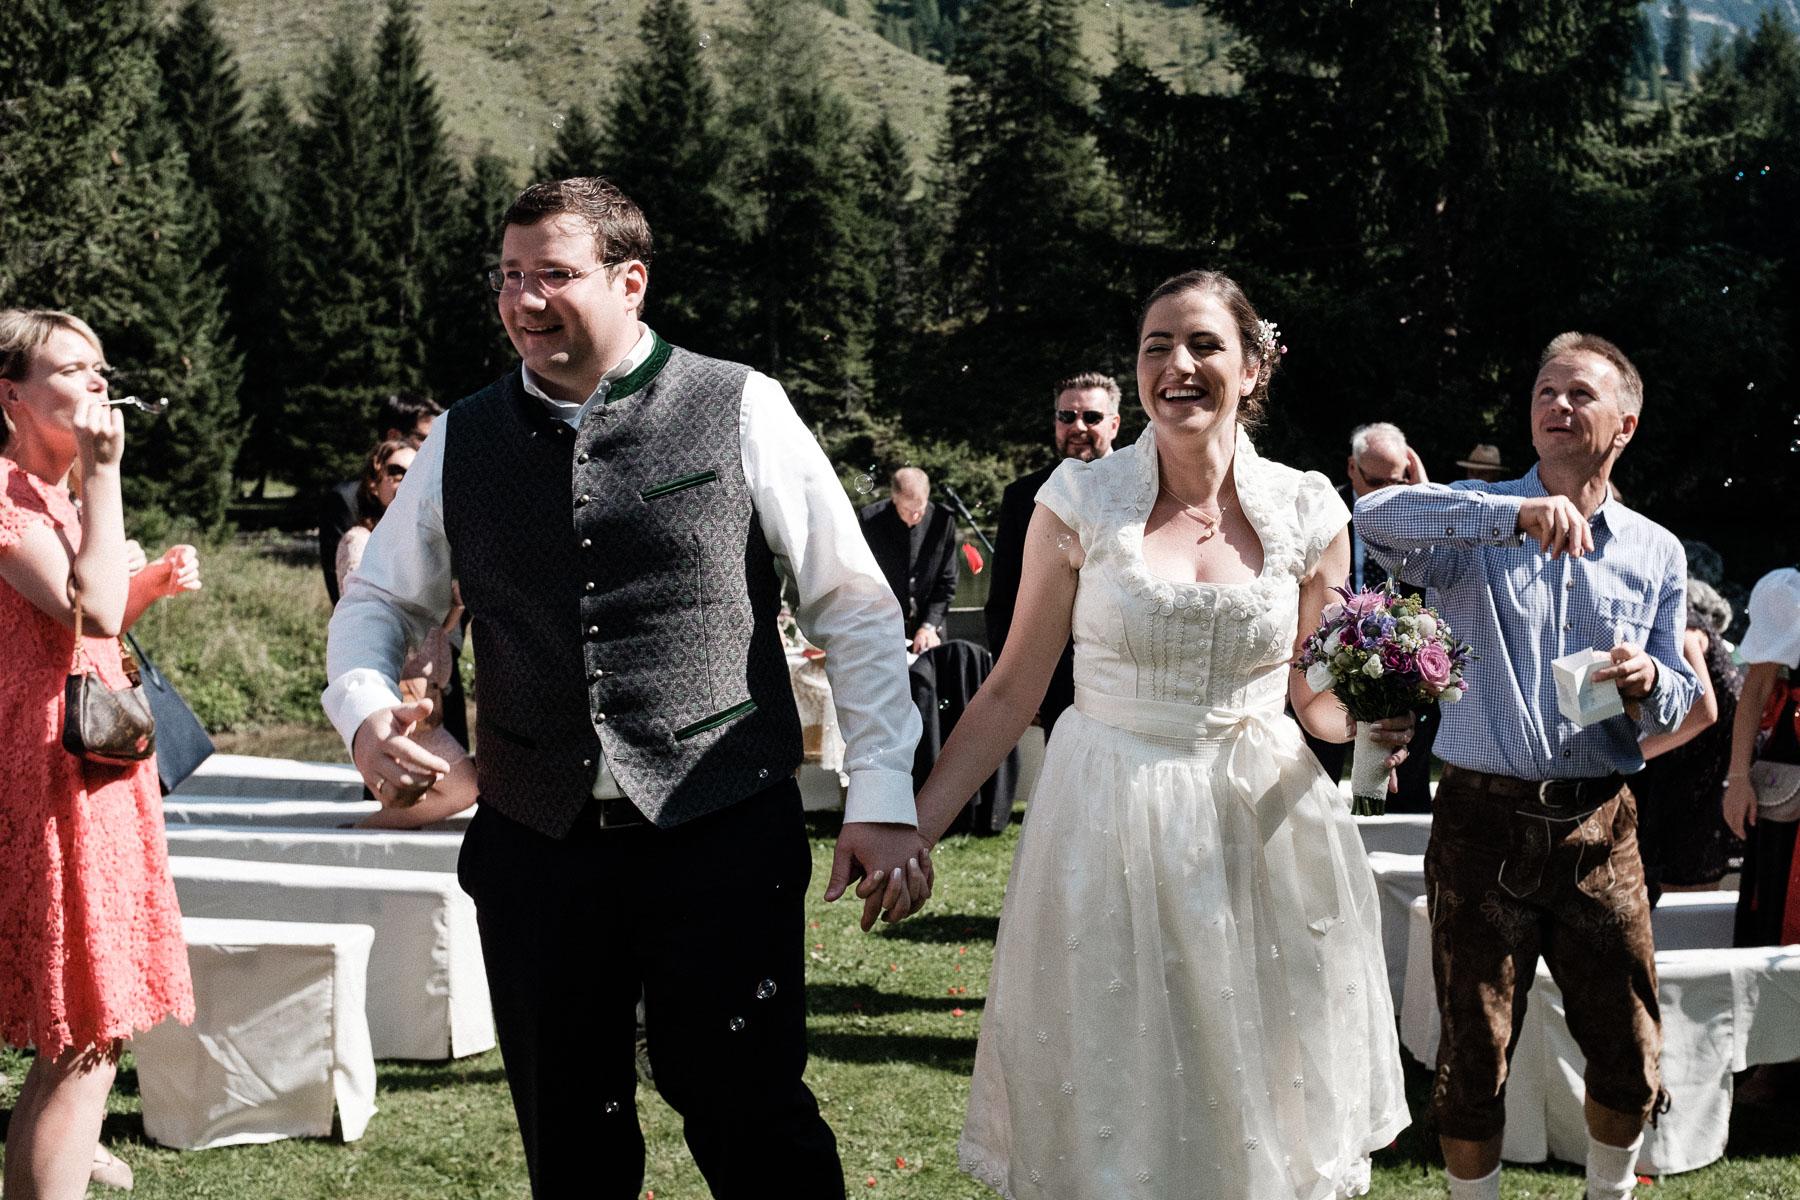 MartinLiebl_Hochzeitsfotograf_DPH_Blog_44.jpg